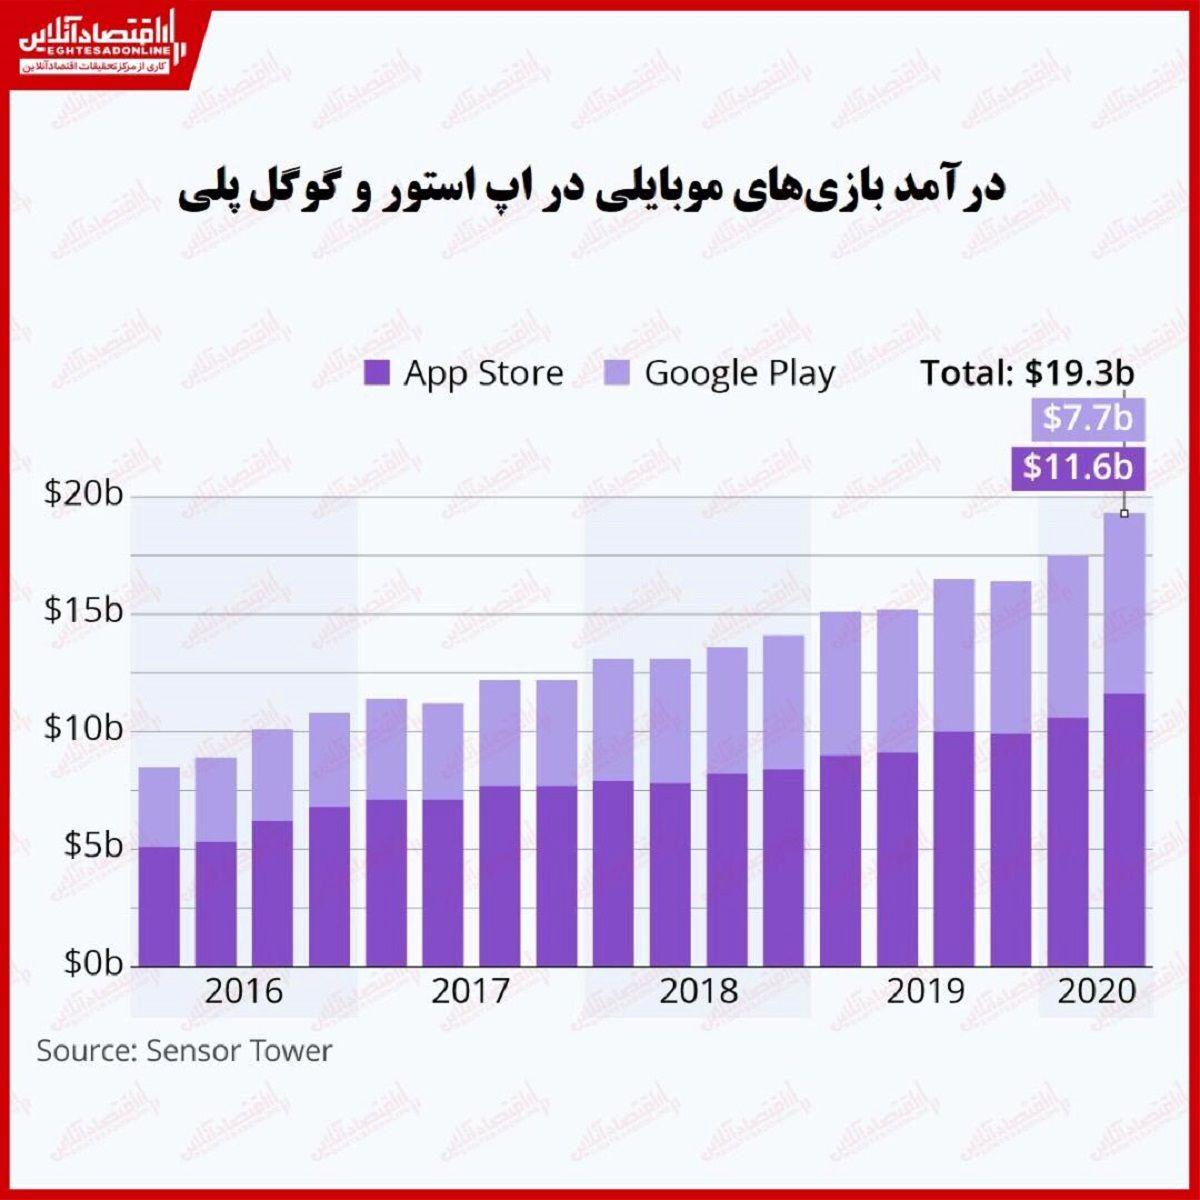 درآمد ۳۵۰میلیارد دلاری بازیهای موبایلی در نیمه نخست سال/ اپل و گوگل در بخش بازی چقدر درآمد کسب کردند؟